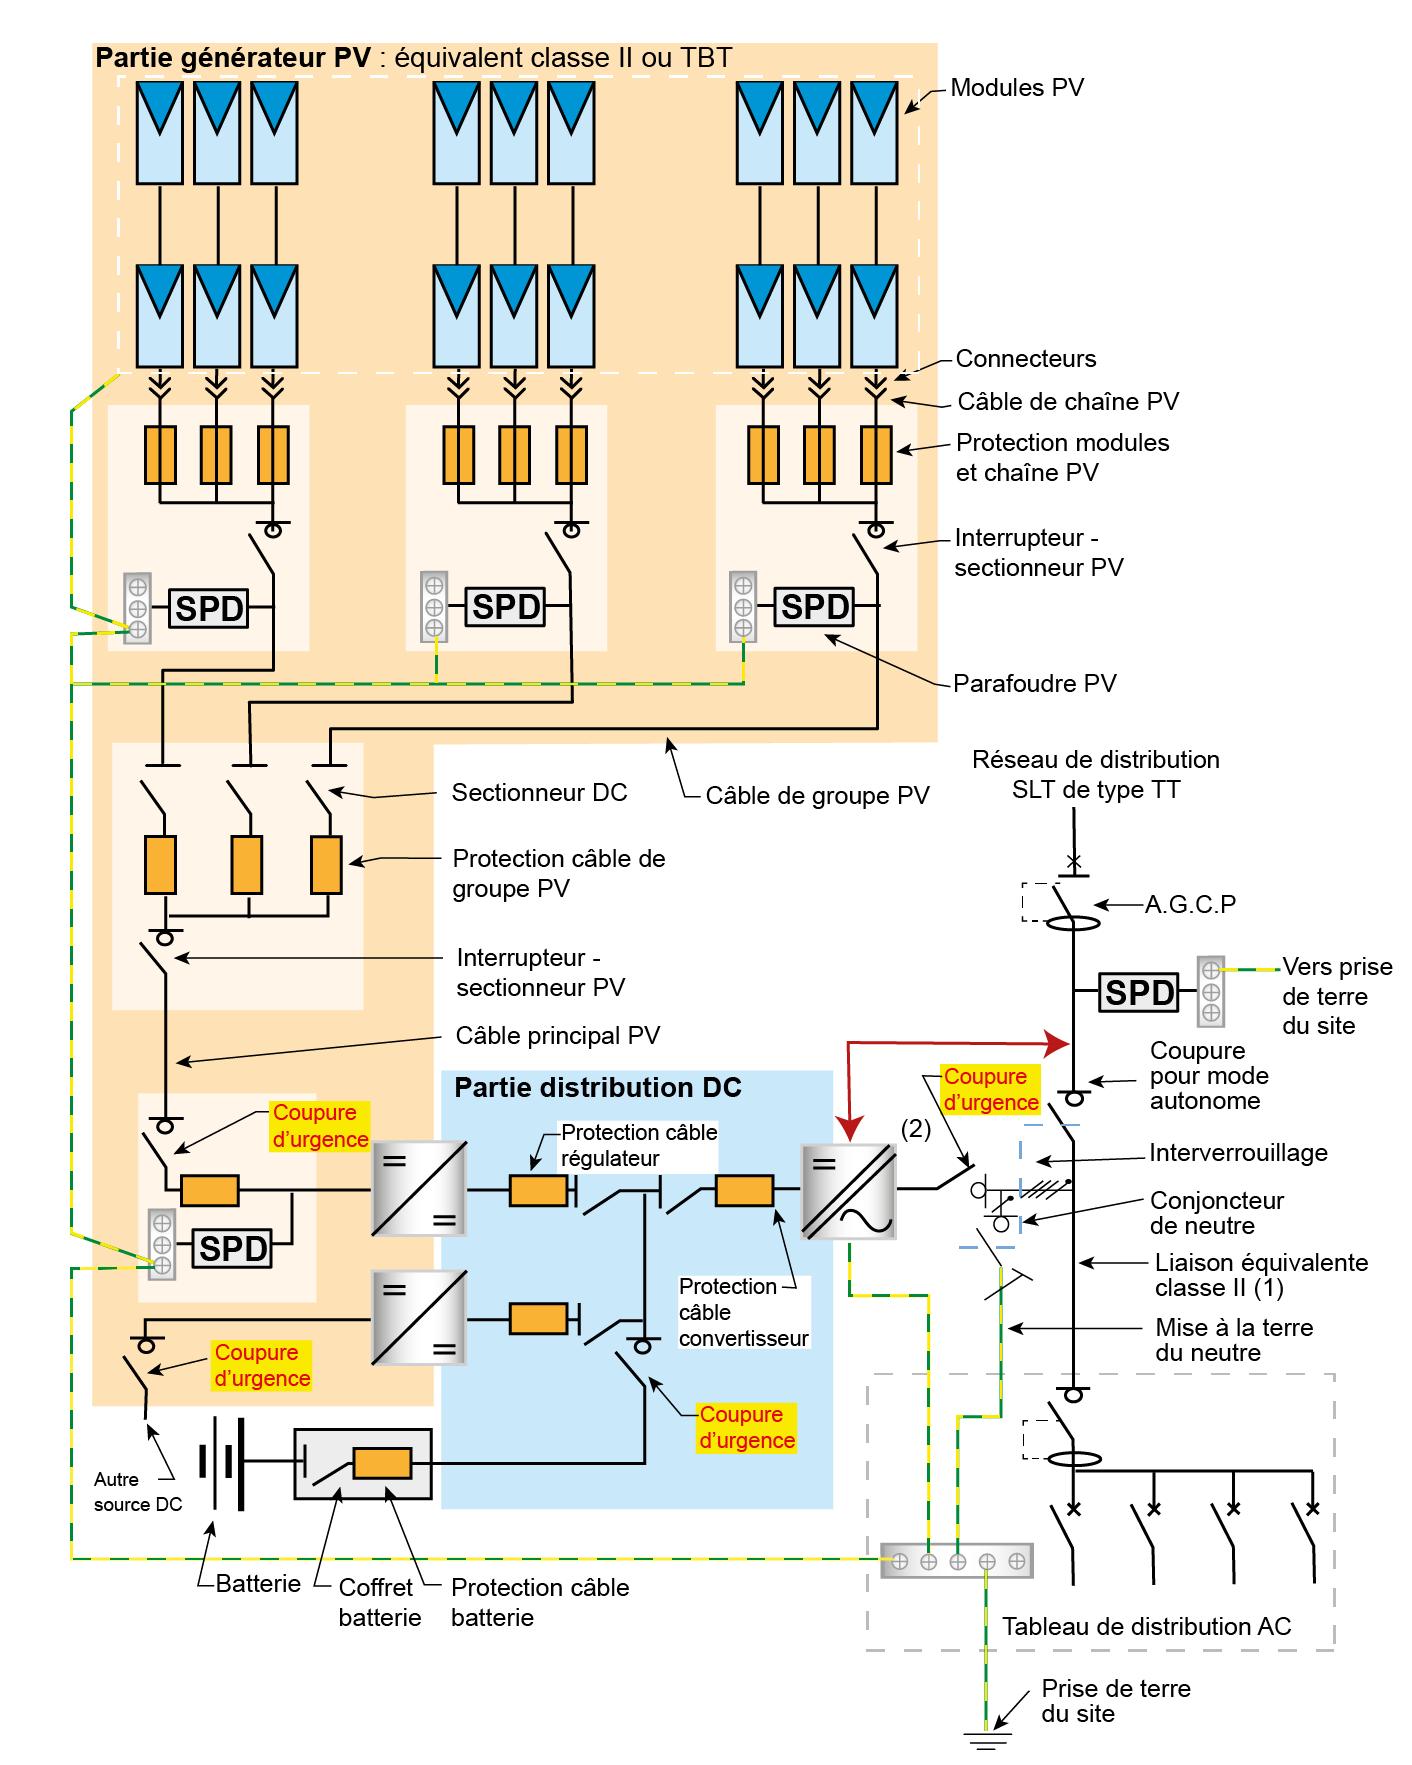 Exemple d'installation PV avec stockage raccordée au réseau public de distribution